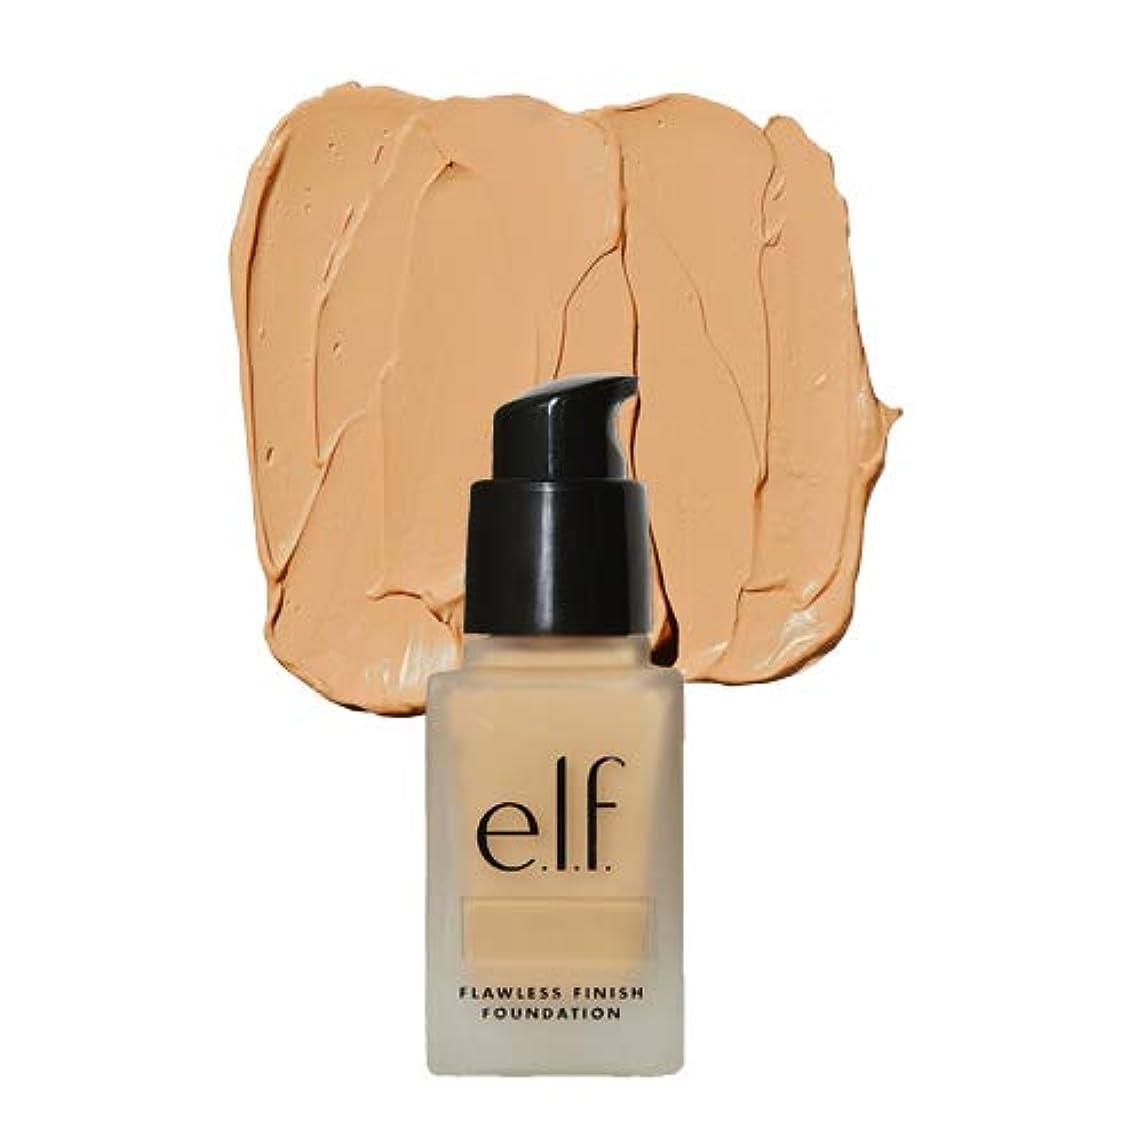 症状容赦ないスリラー(6 Pack) e.l.f. Oil Free Flawless Finish Foundation - Buff (並行輸入品)